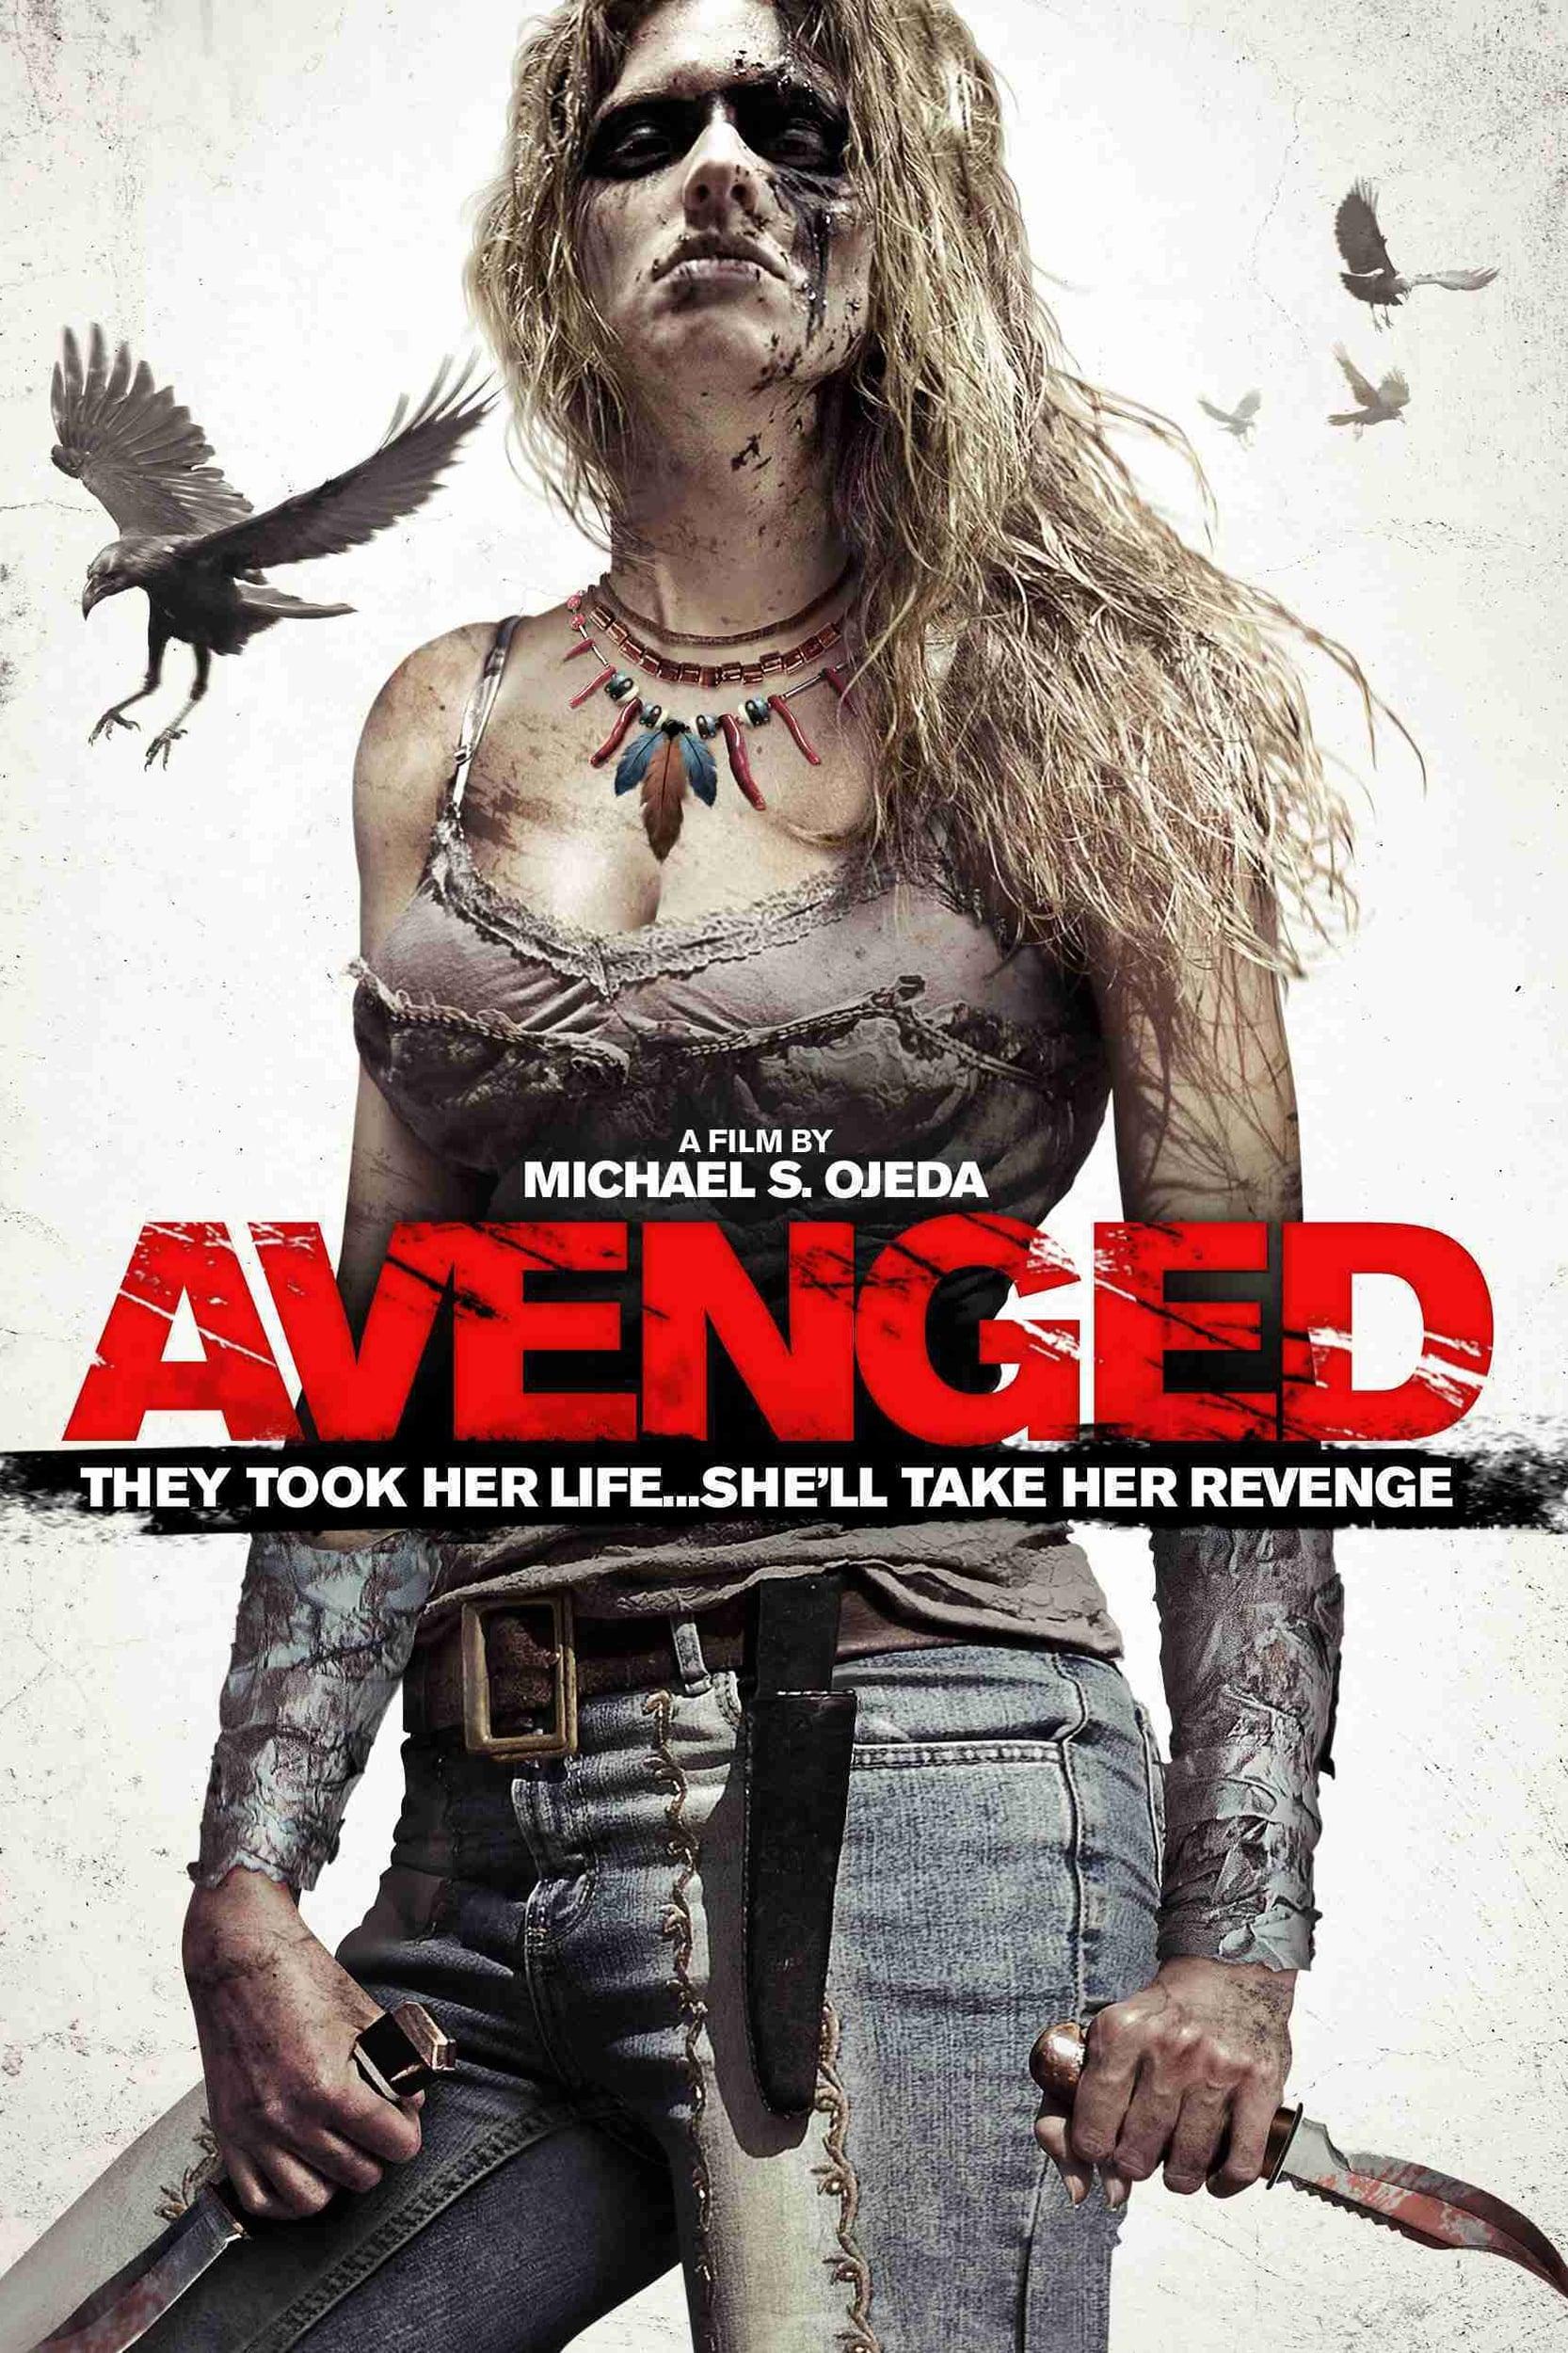 Savaged a.k.a Avenged (2013)